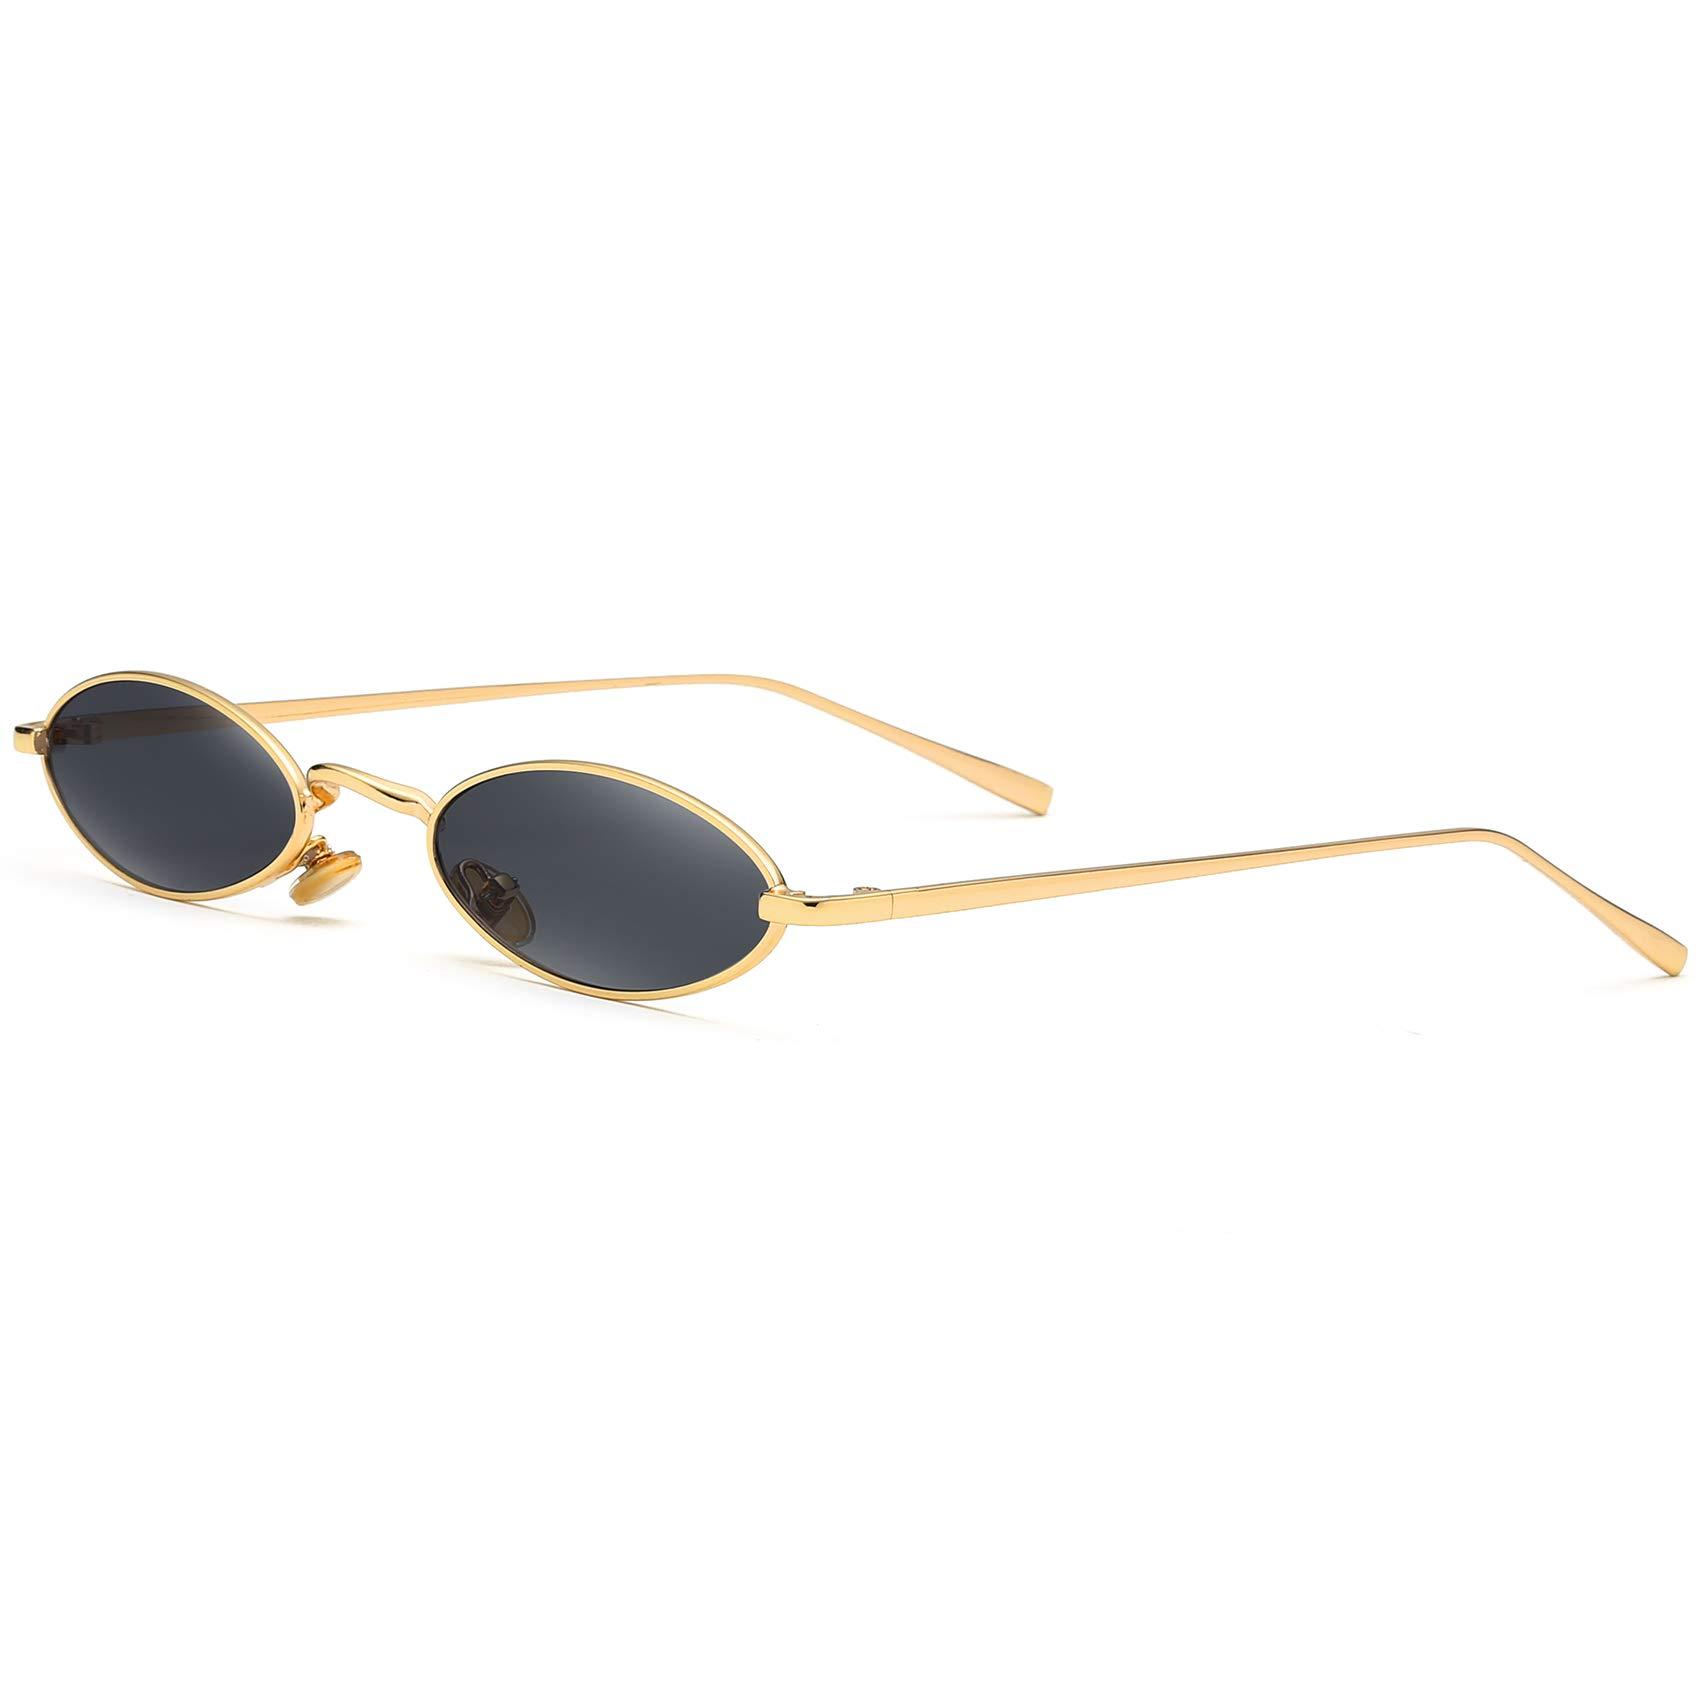 Vintage Sunglasses for Women Retro Oval Small Slender Sun Glasses men Metal Frame (Gold/Black)